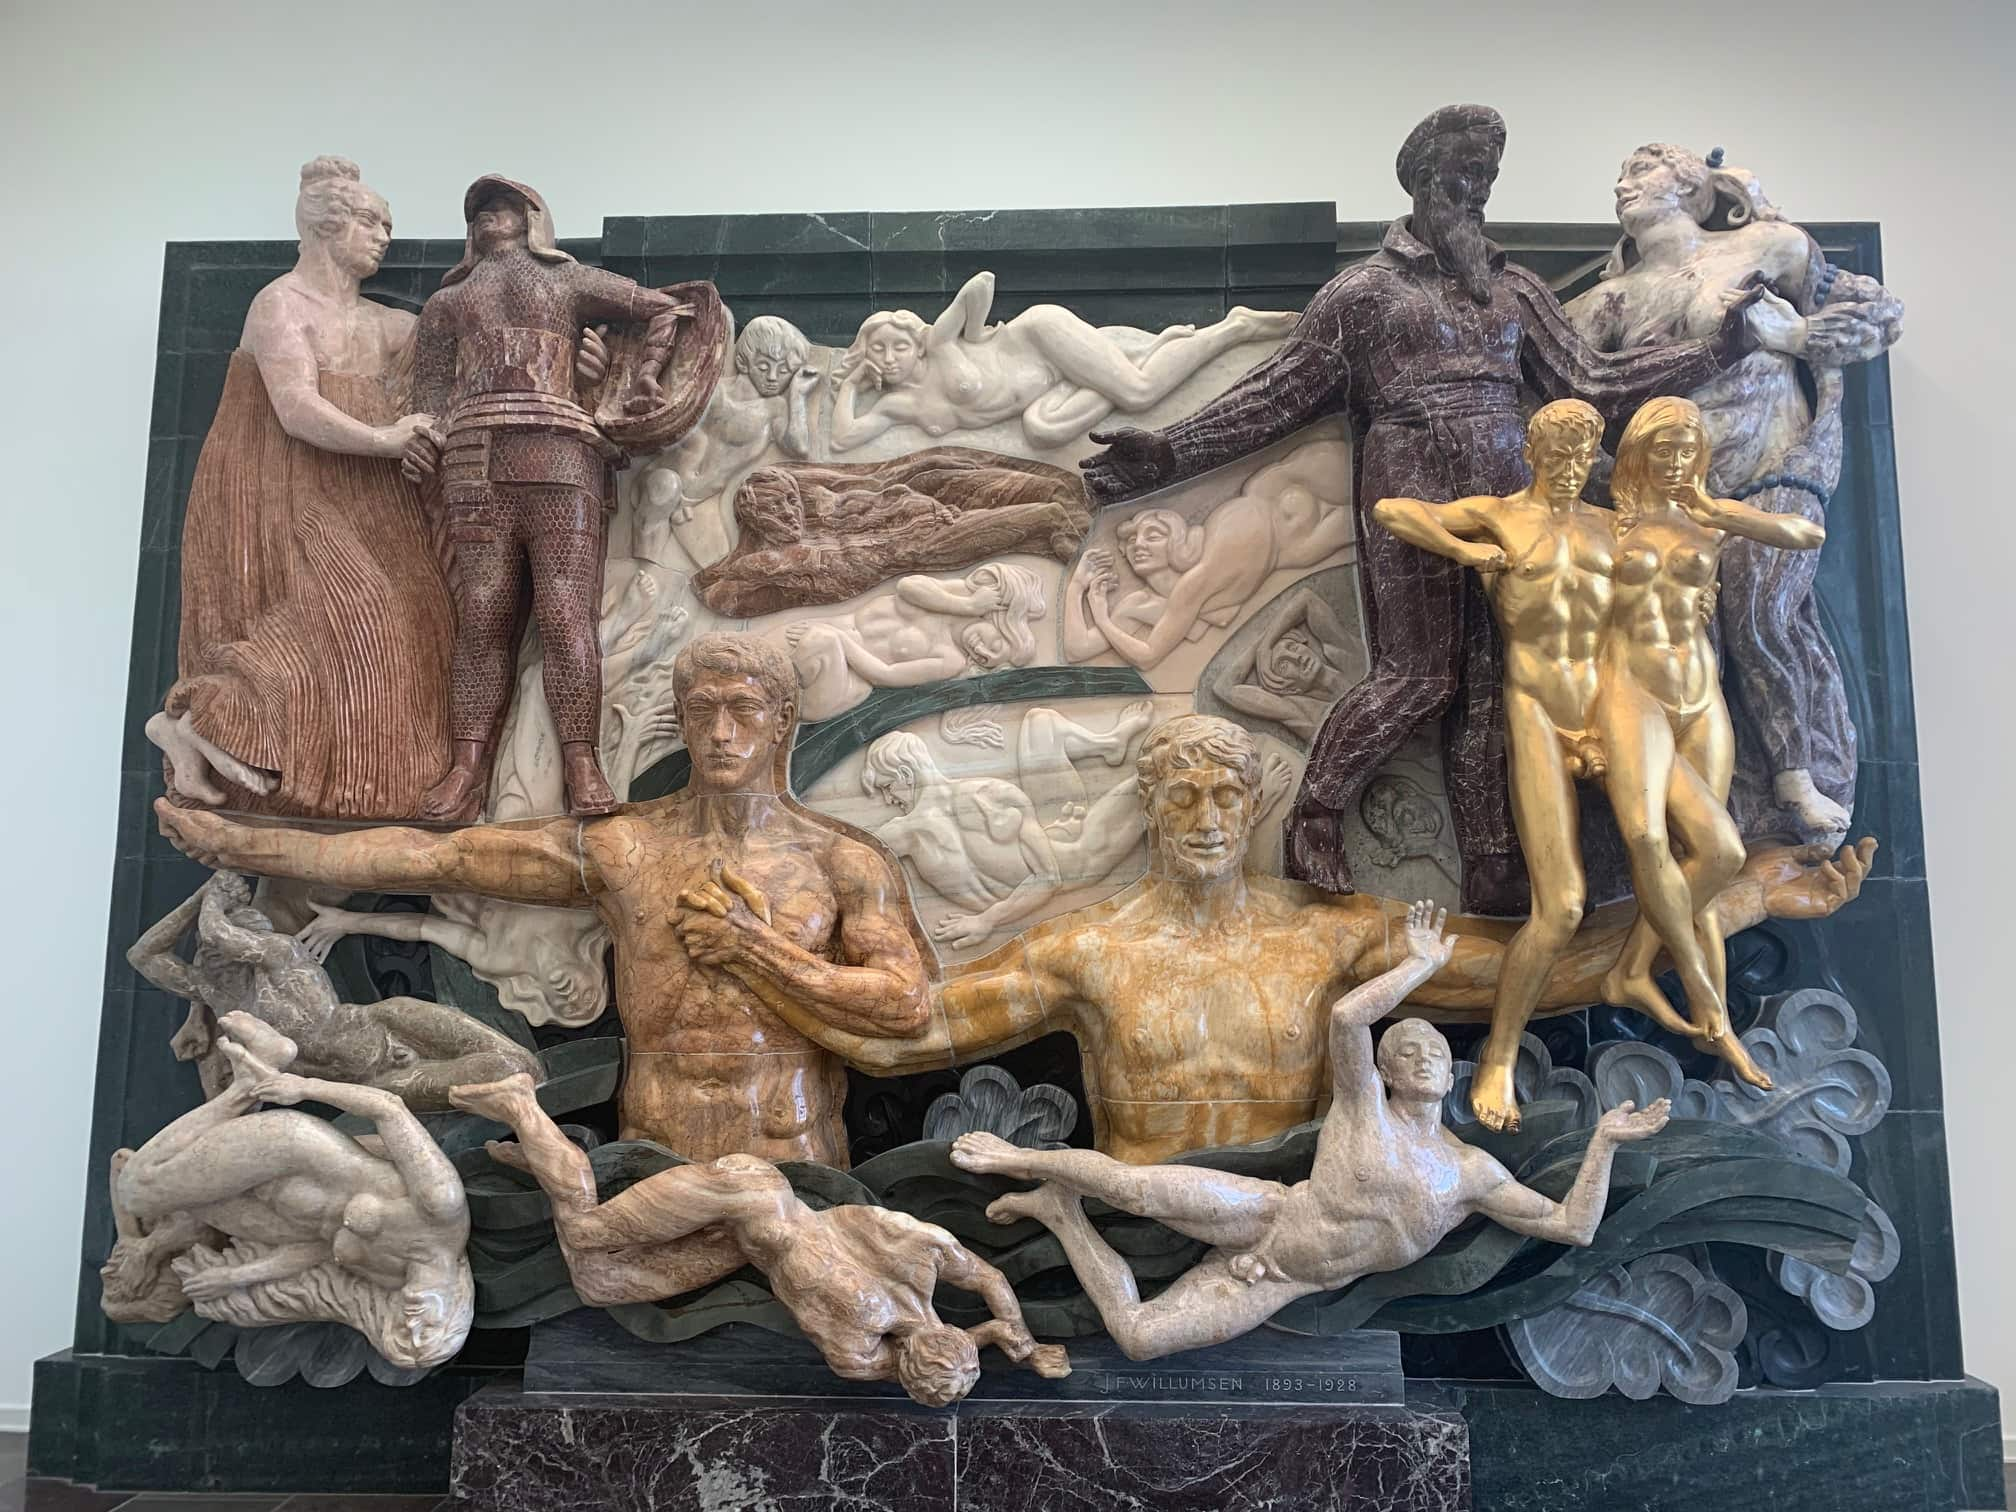 Werk von J.F. Willumsen im Museum